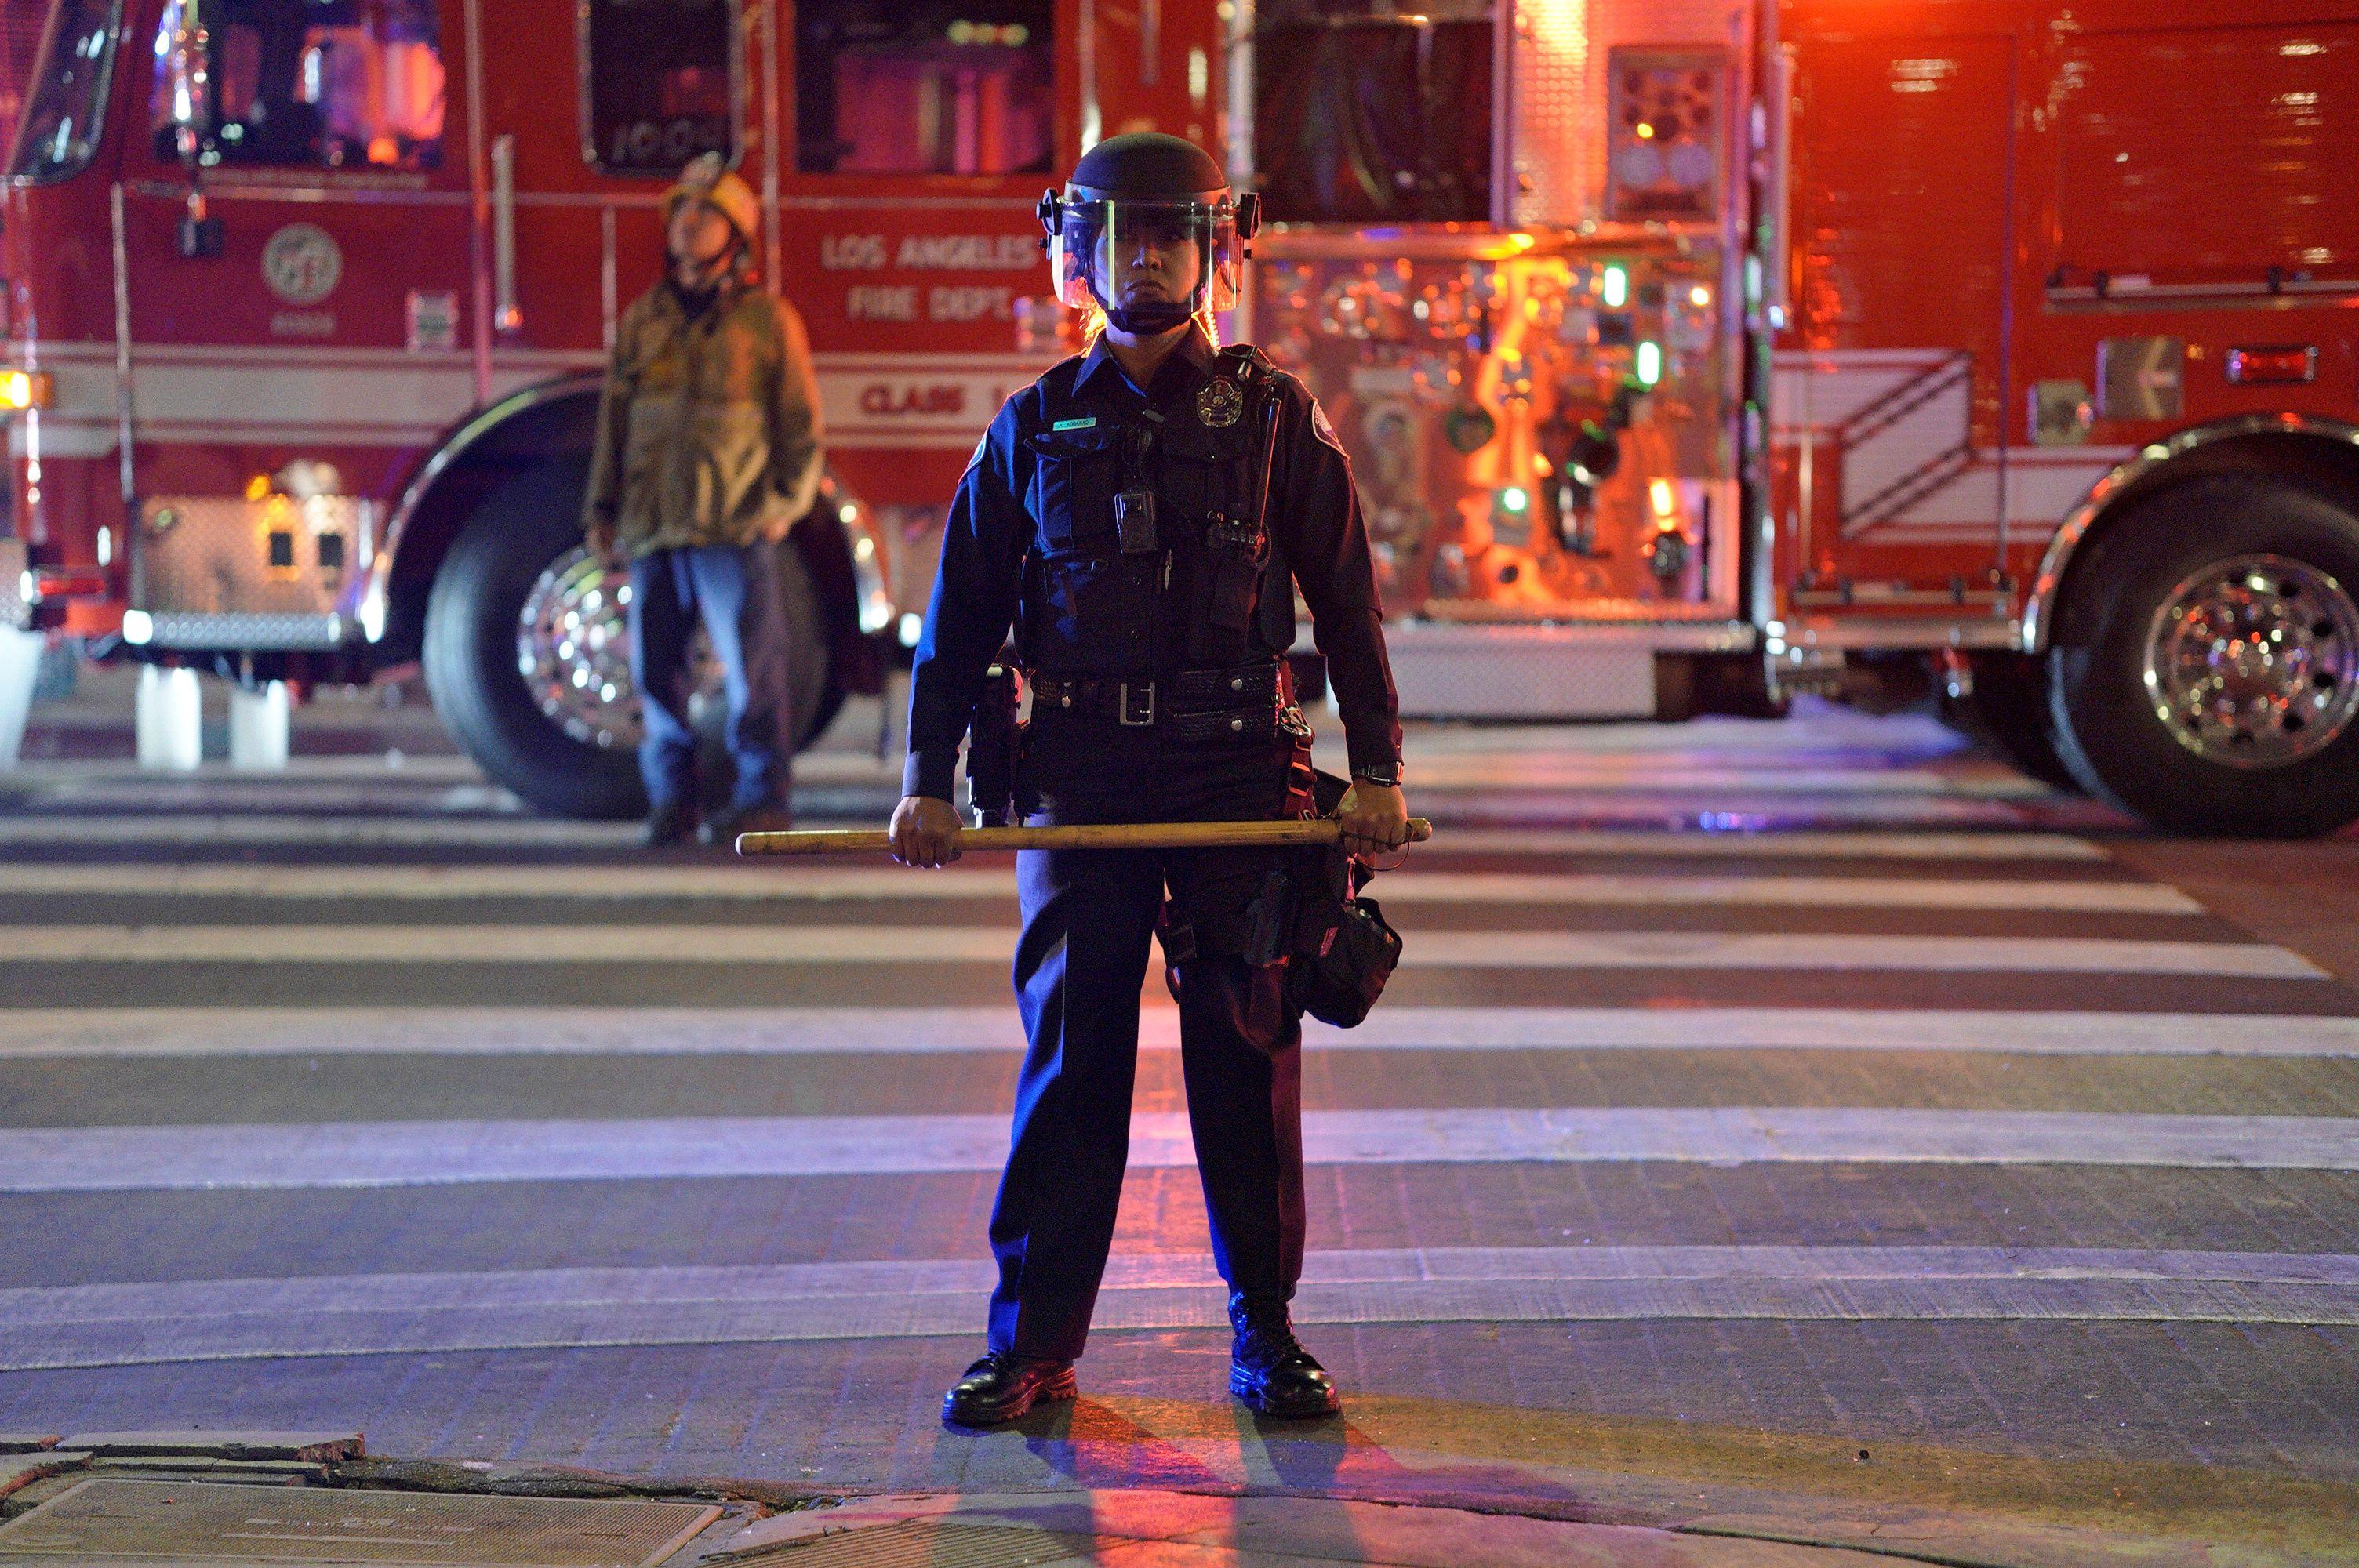 Una policía observa a los manifestantes en Los Angeles, California